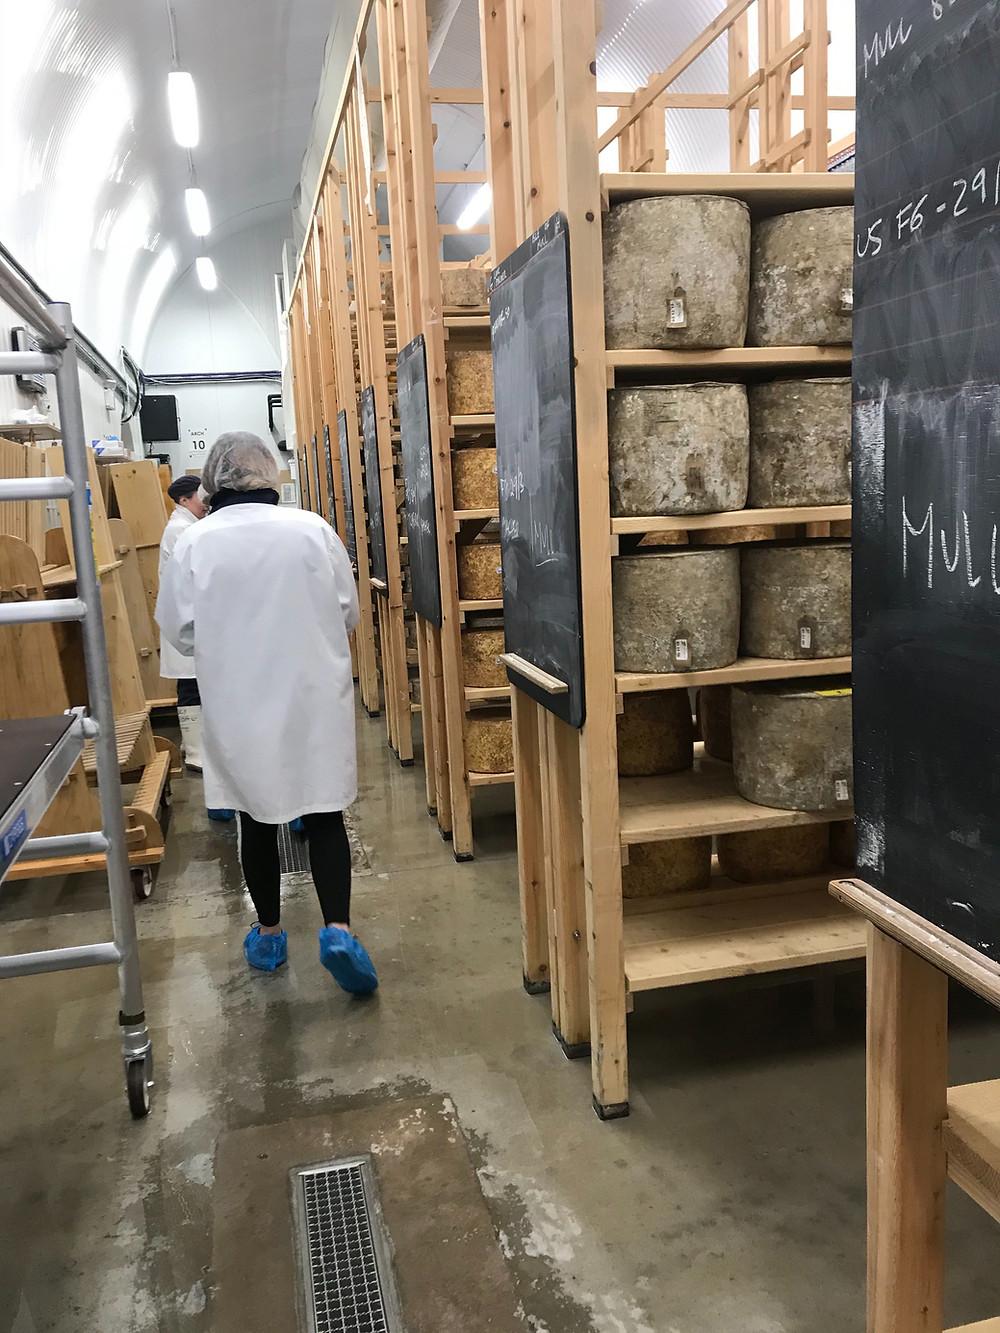 Hard cheeses maturing at Neal's Yard Dairy.